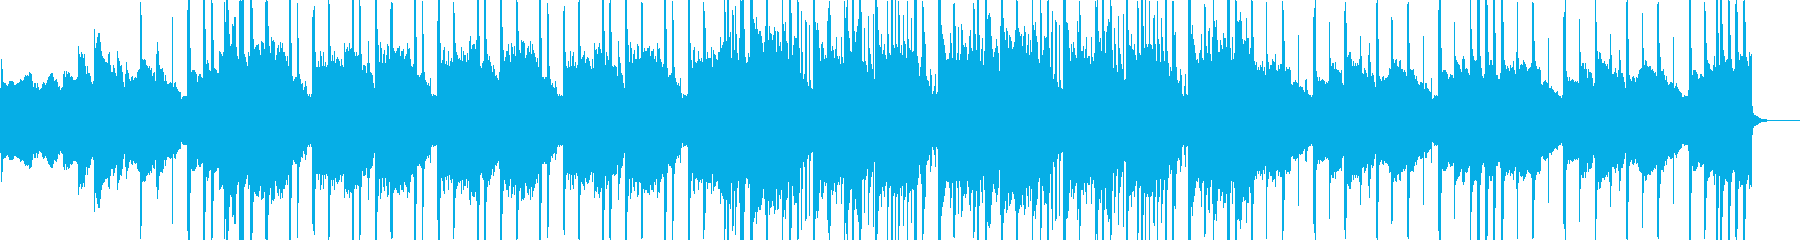 哀愁がある感じのLo-Fiの再生済みの波形